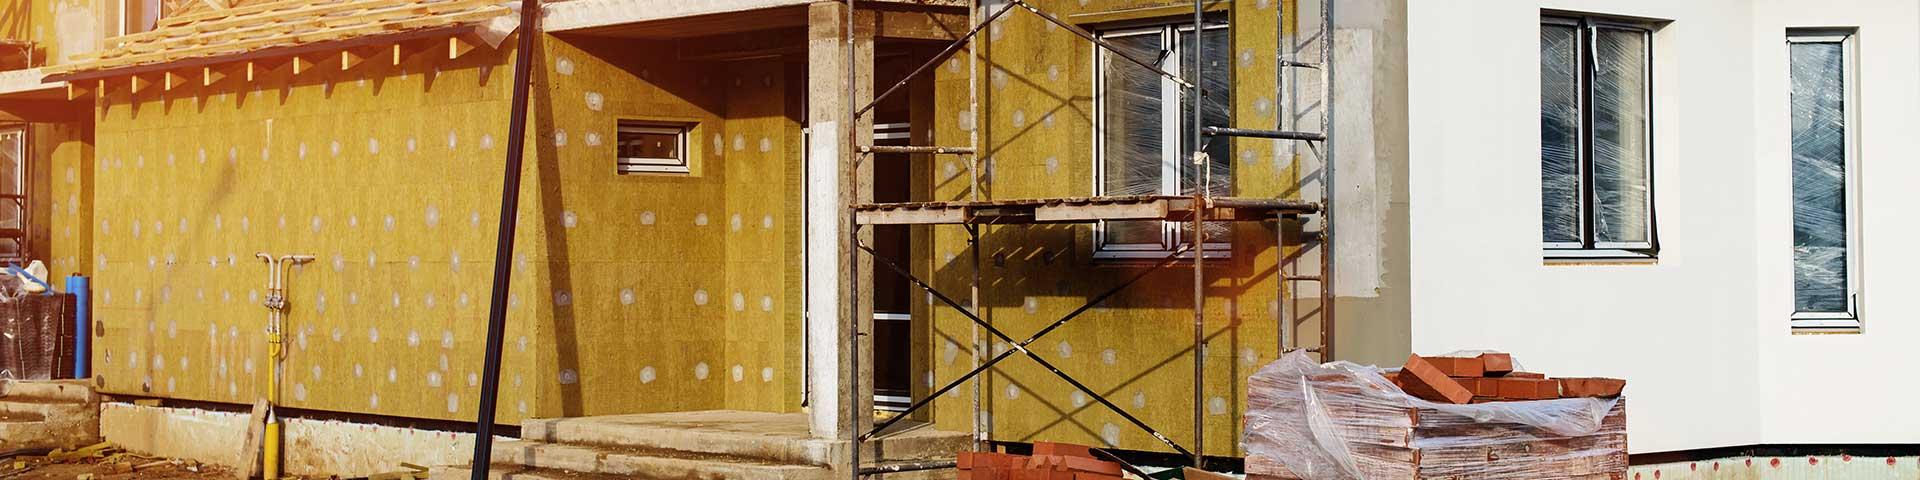 dom w trakcie ocieplania płytami z wełny mineralnej